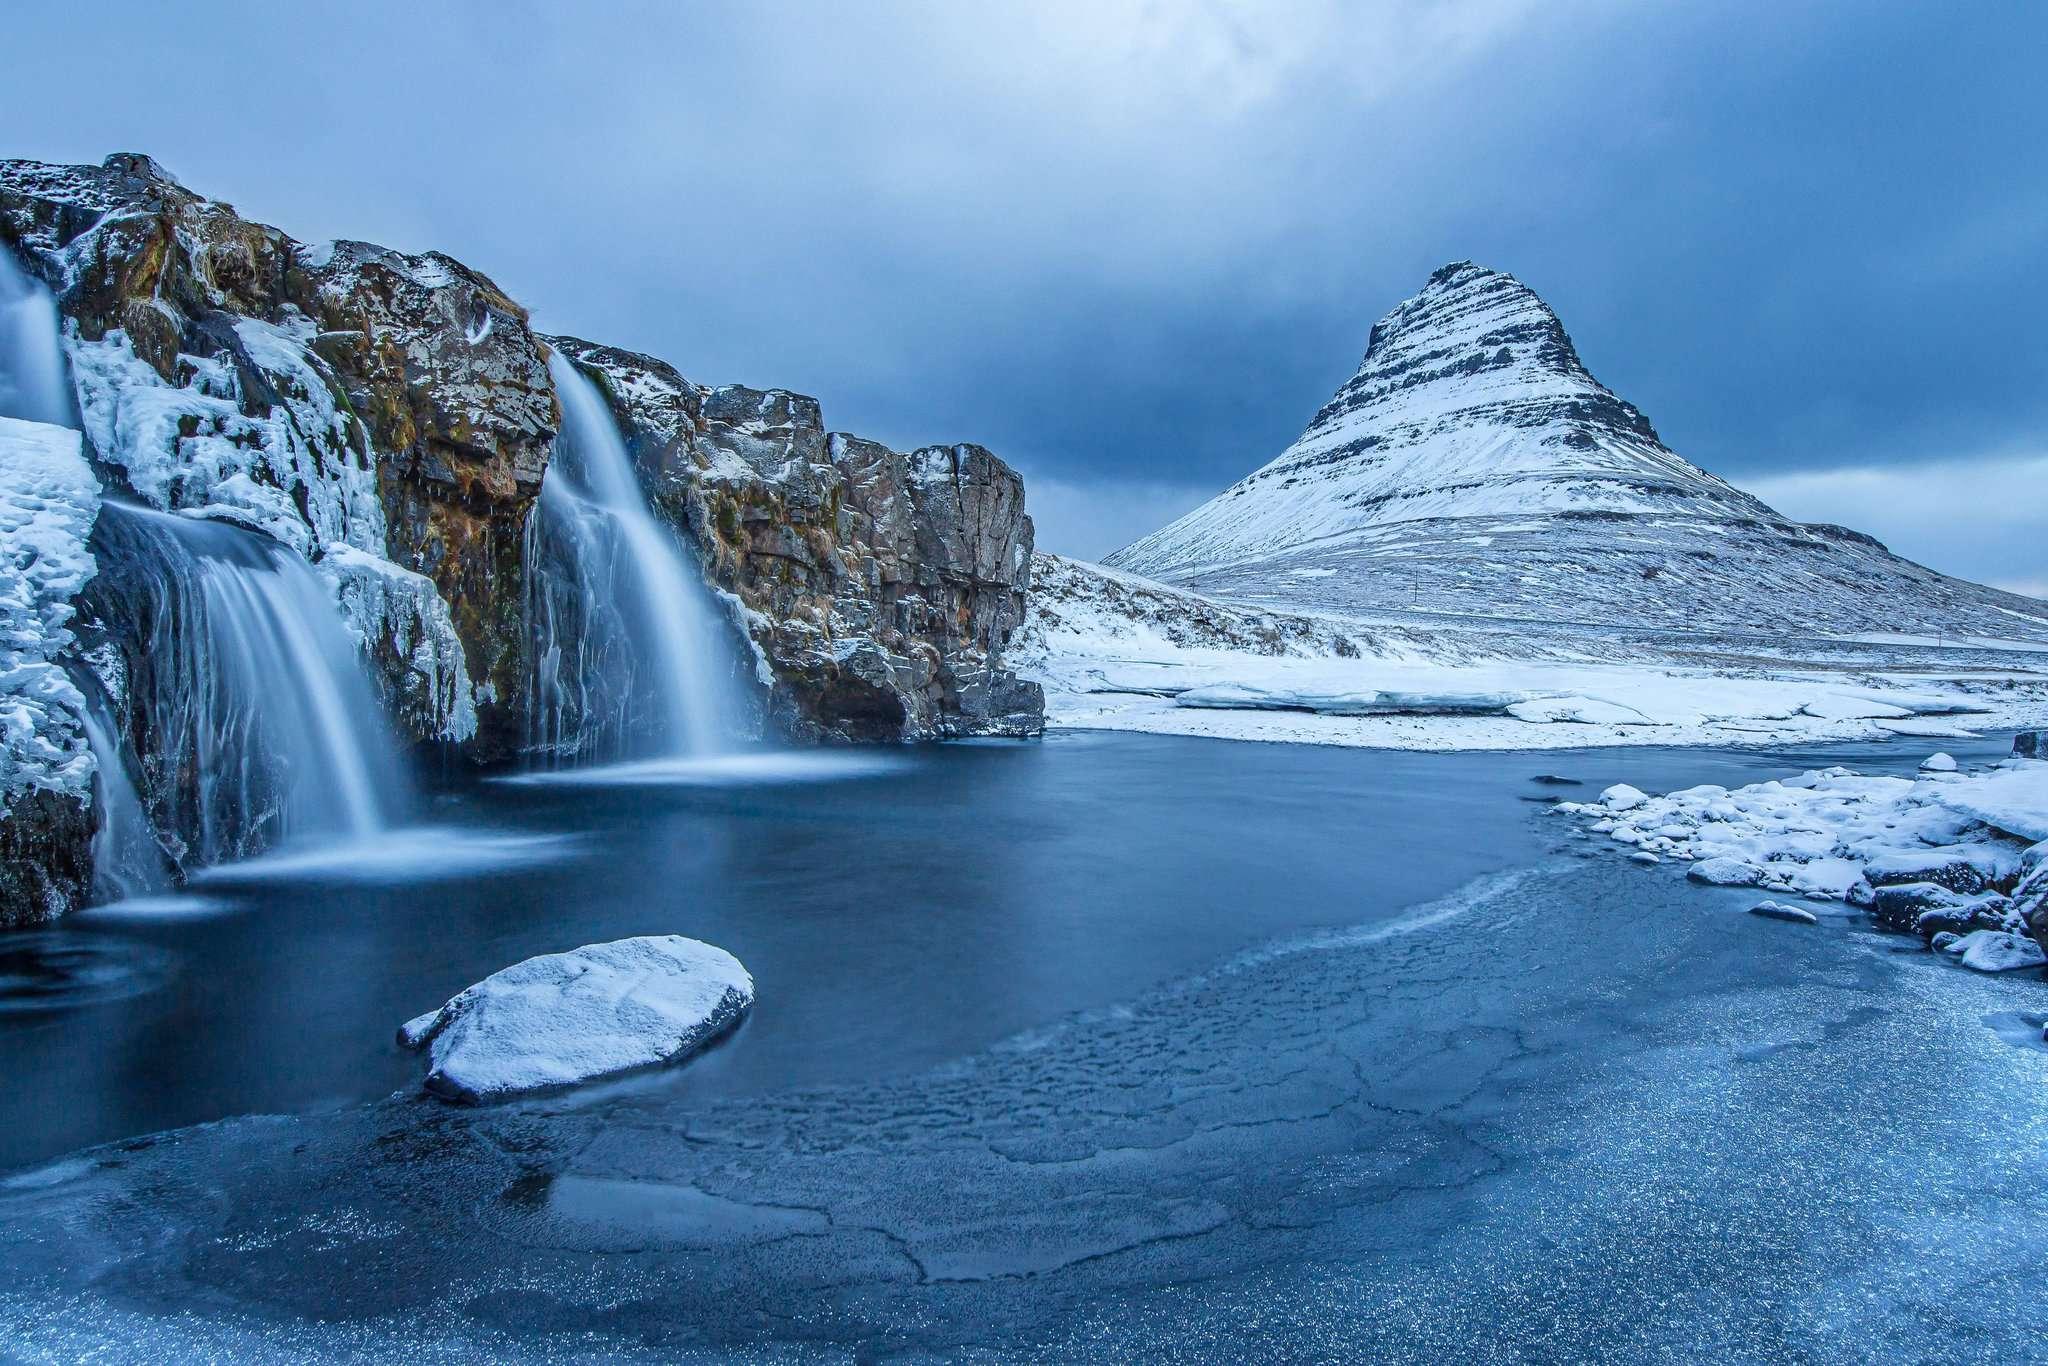 Ralf Kohröde hielt die eindrucksvolle Landschaft Islands fotografisch fest u2013 und gewinnt den Fotowettbewerb im Januar.